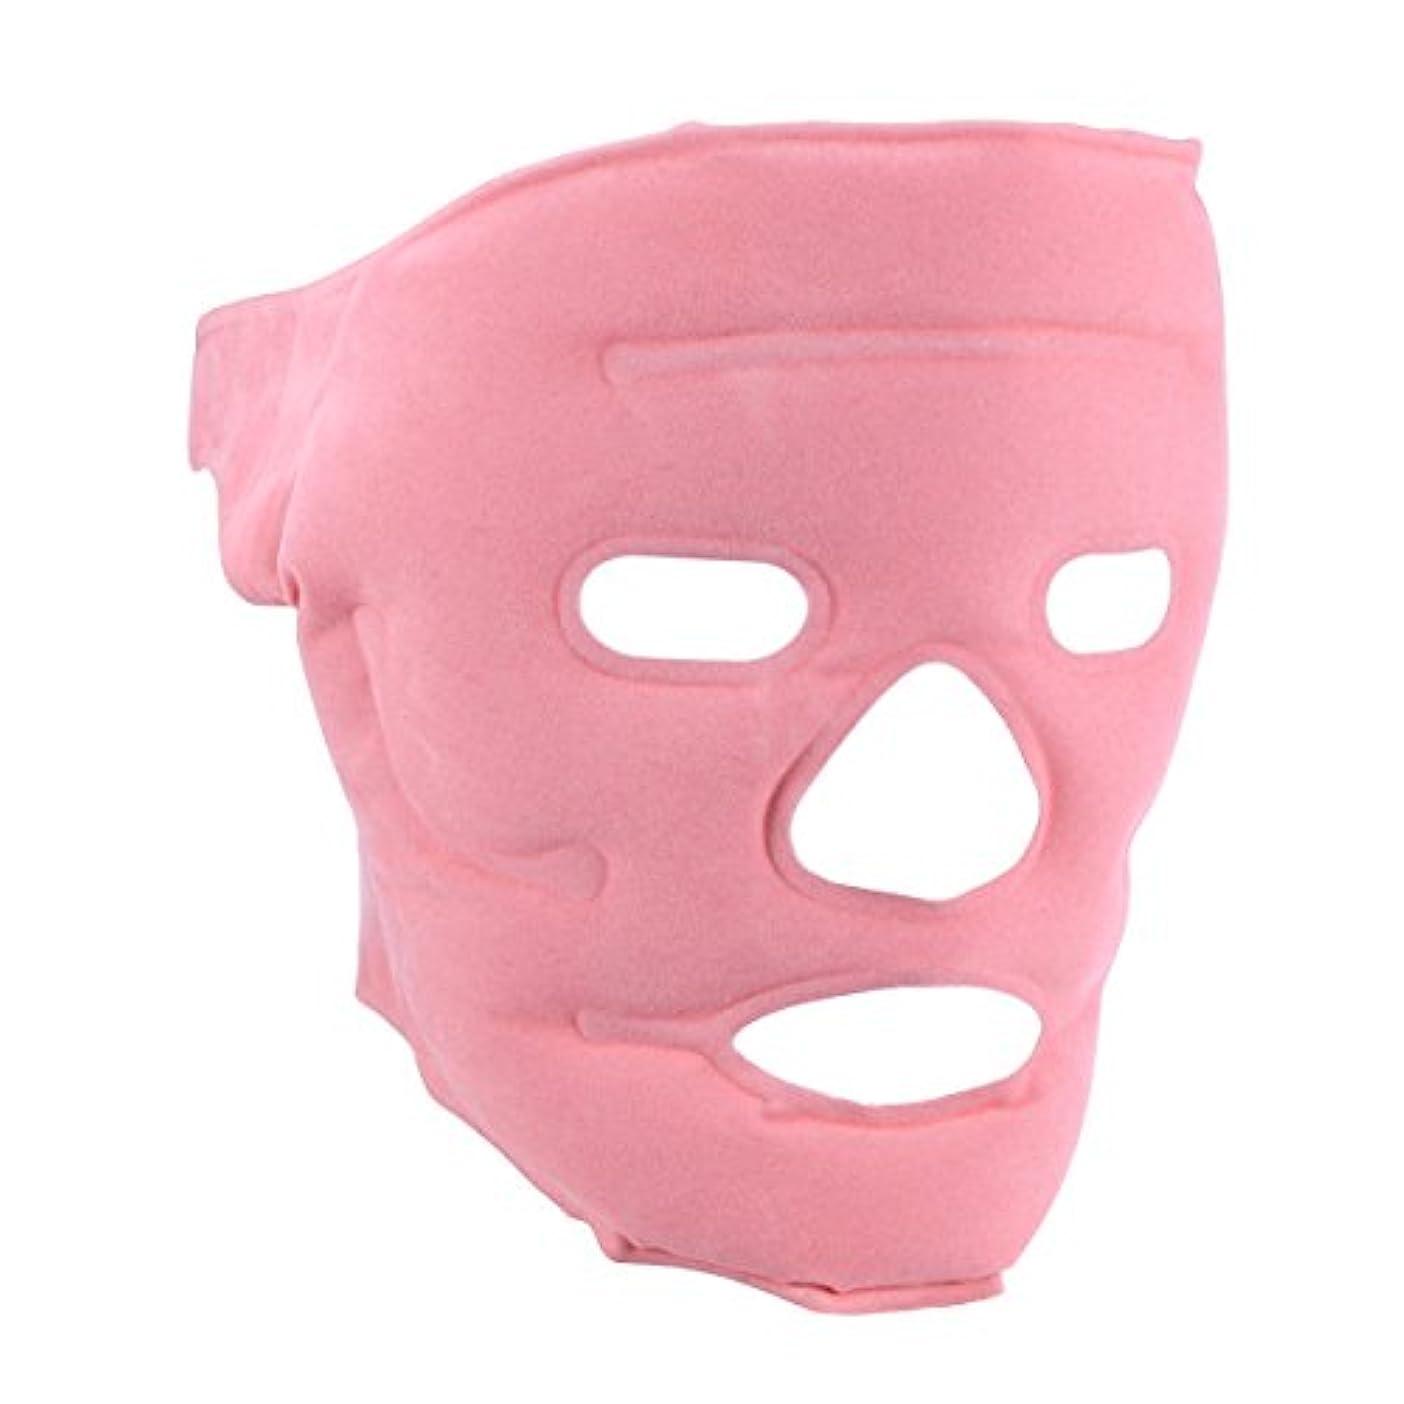 可塑性ペインギリック作動するROSENICE フェイシャルマスクトルマリンジェルマグネットフェイシャルマスクスリム化フェイスパウチ(ピンク)